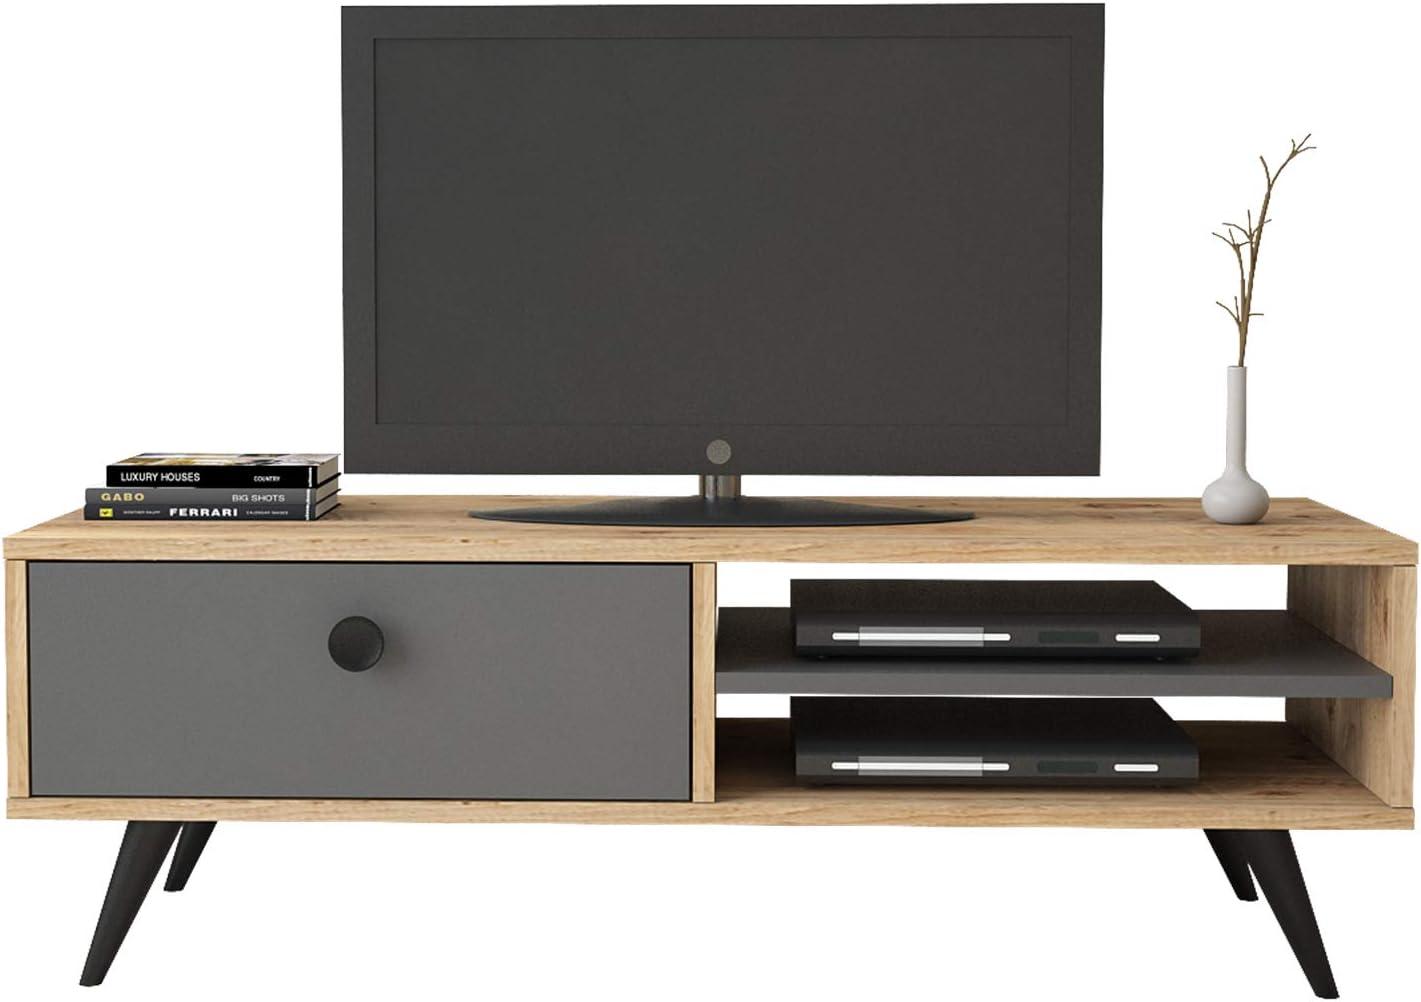 Yurupa Inamor Mueble TV, Televisor Mesa de televisión con 1 Estante, con 1 cajón, Textura de Madera IN1-222: Amazon.es: Hogar